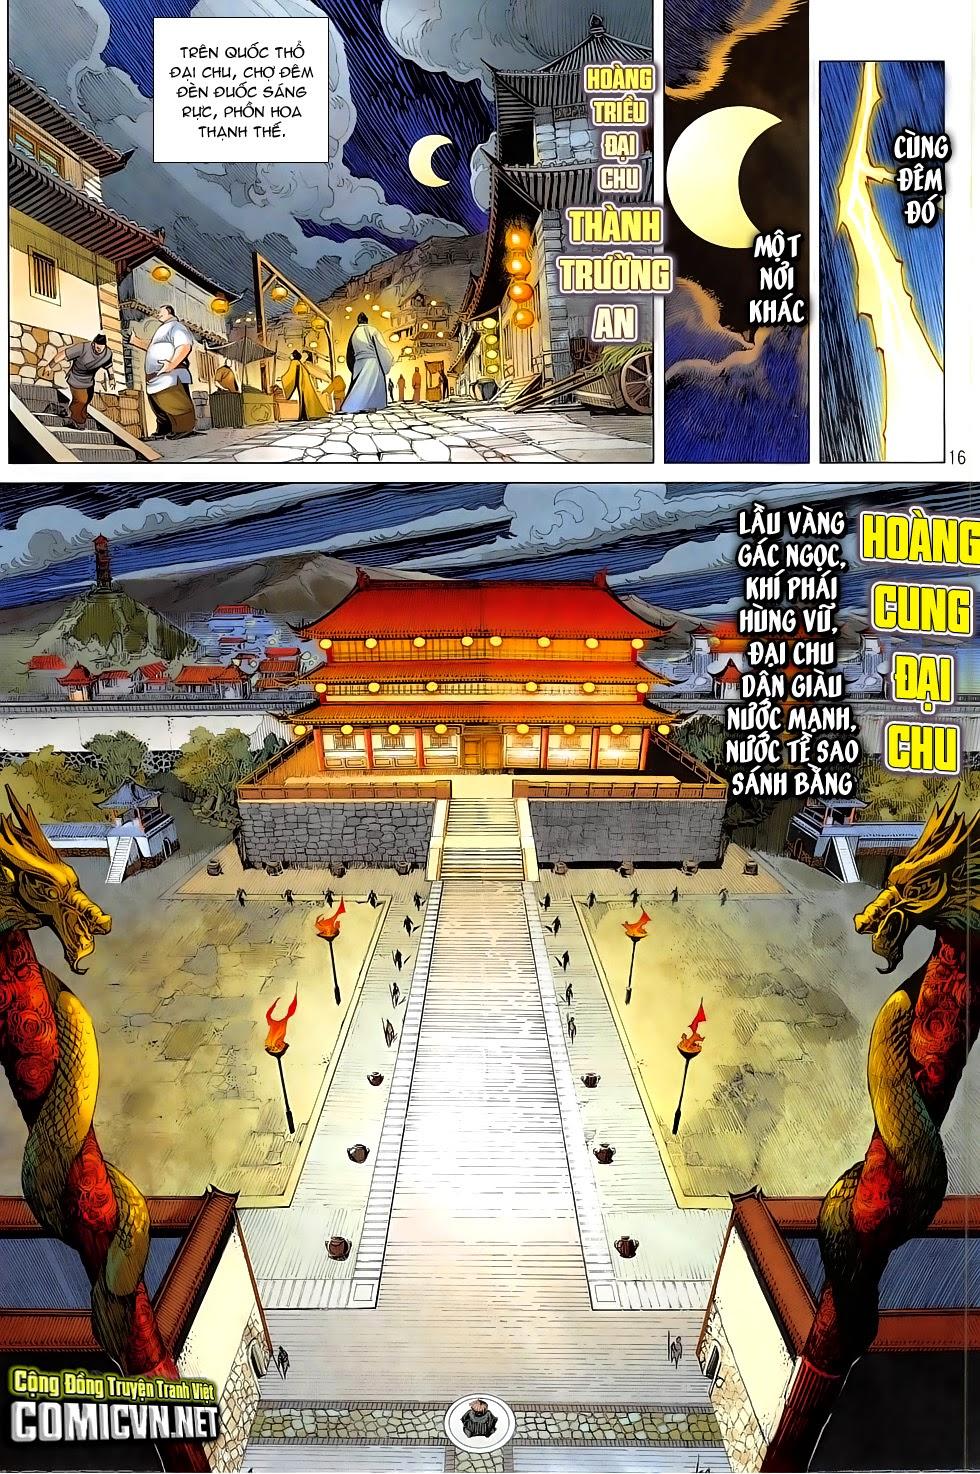 Chiến Phổ chapter 5: lôi hỏa kinh thiên chiến trang 15